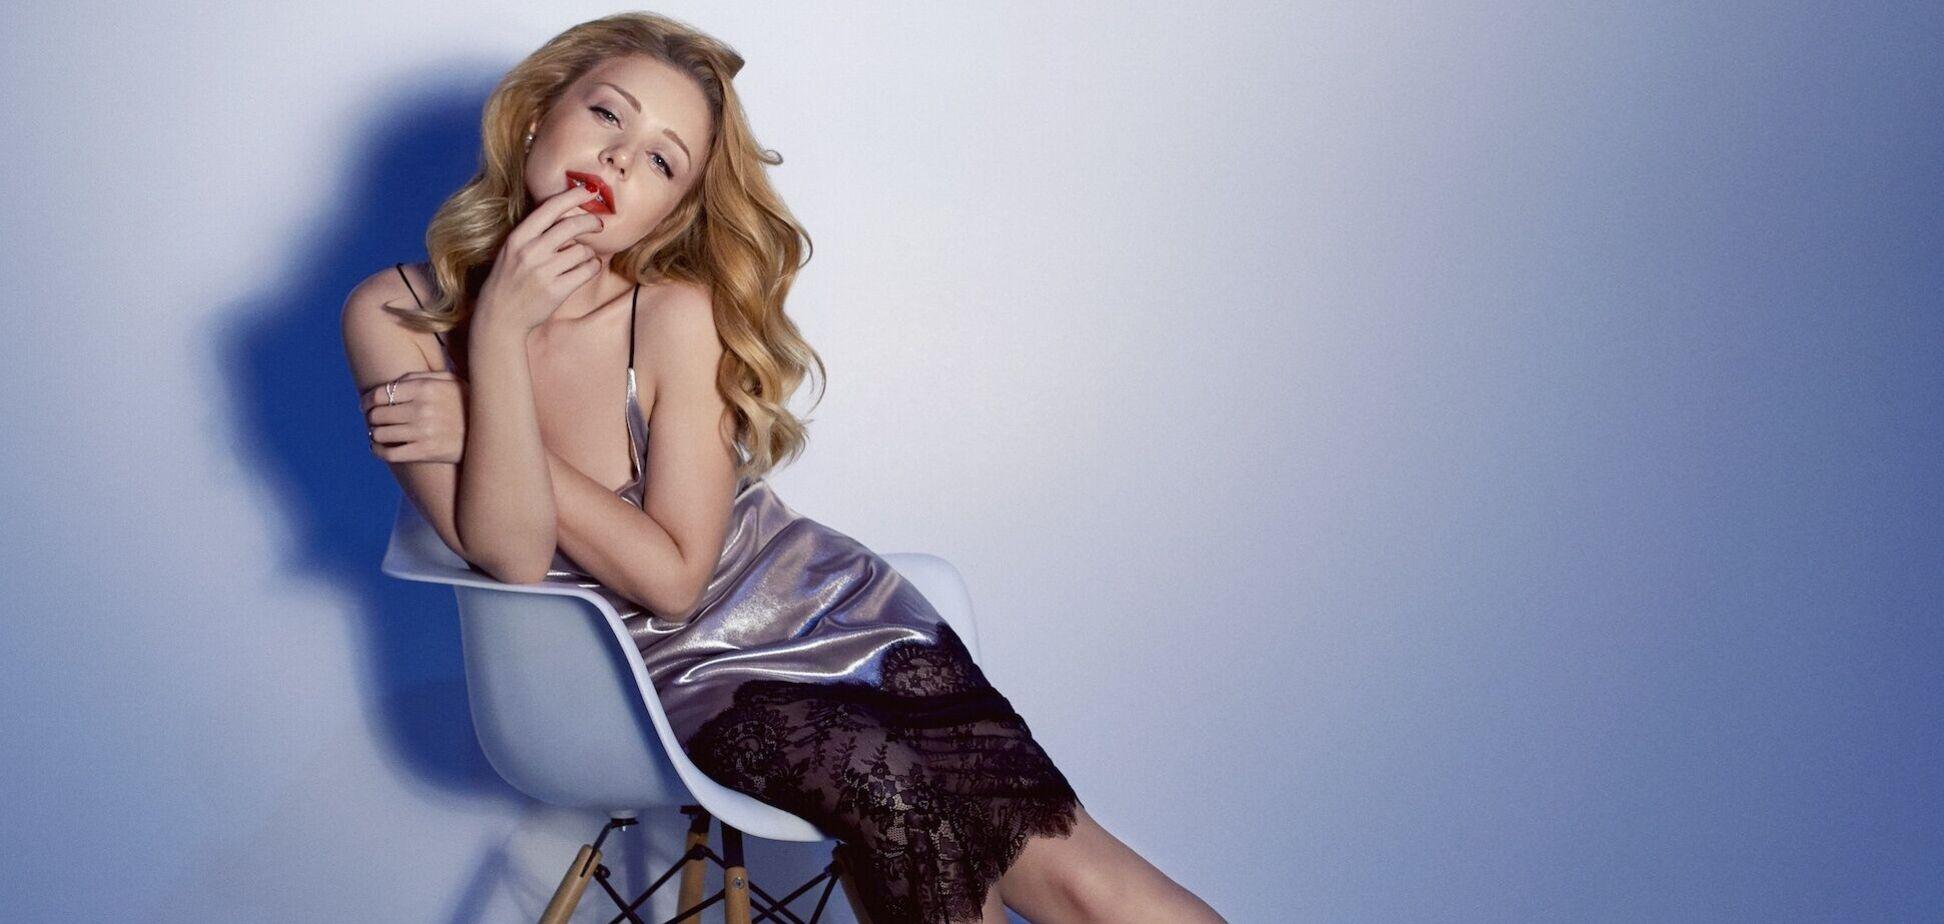 Кароль снялась обнаженной для обложки своего альбома. Фото